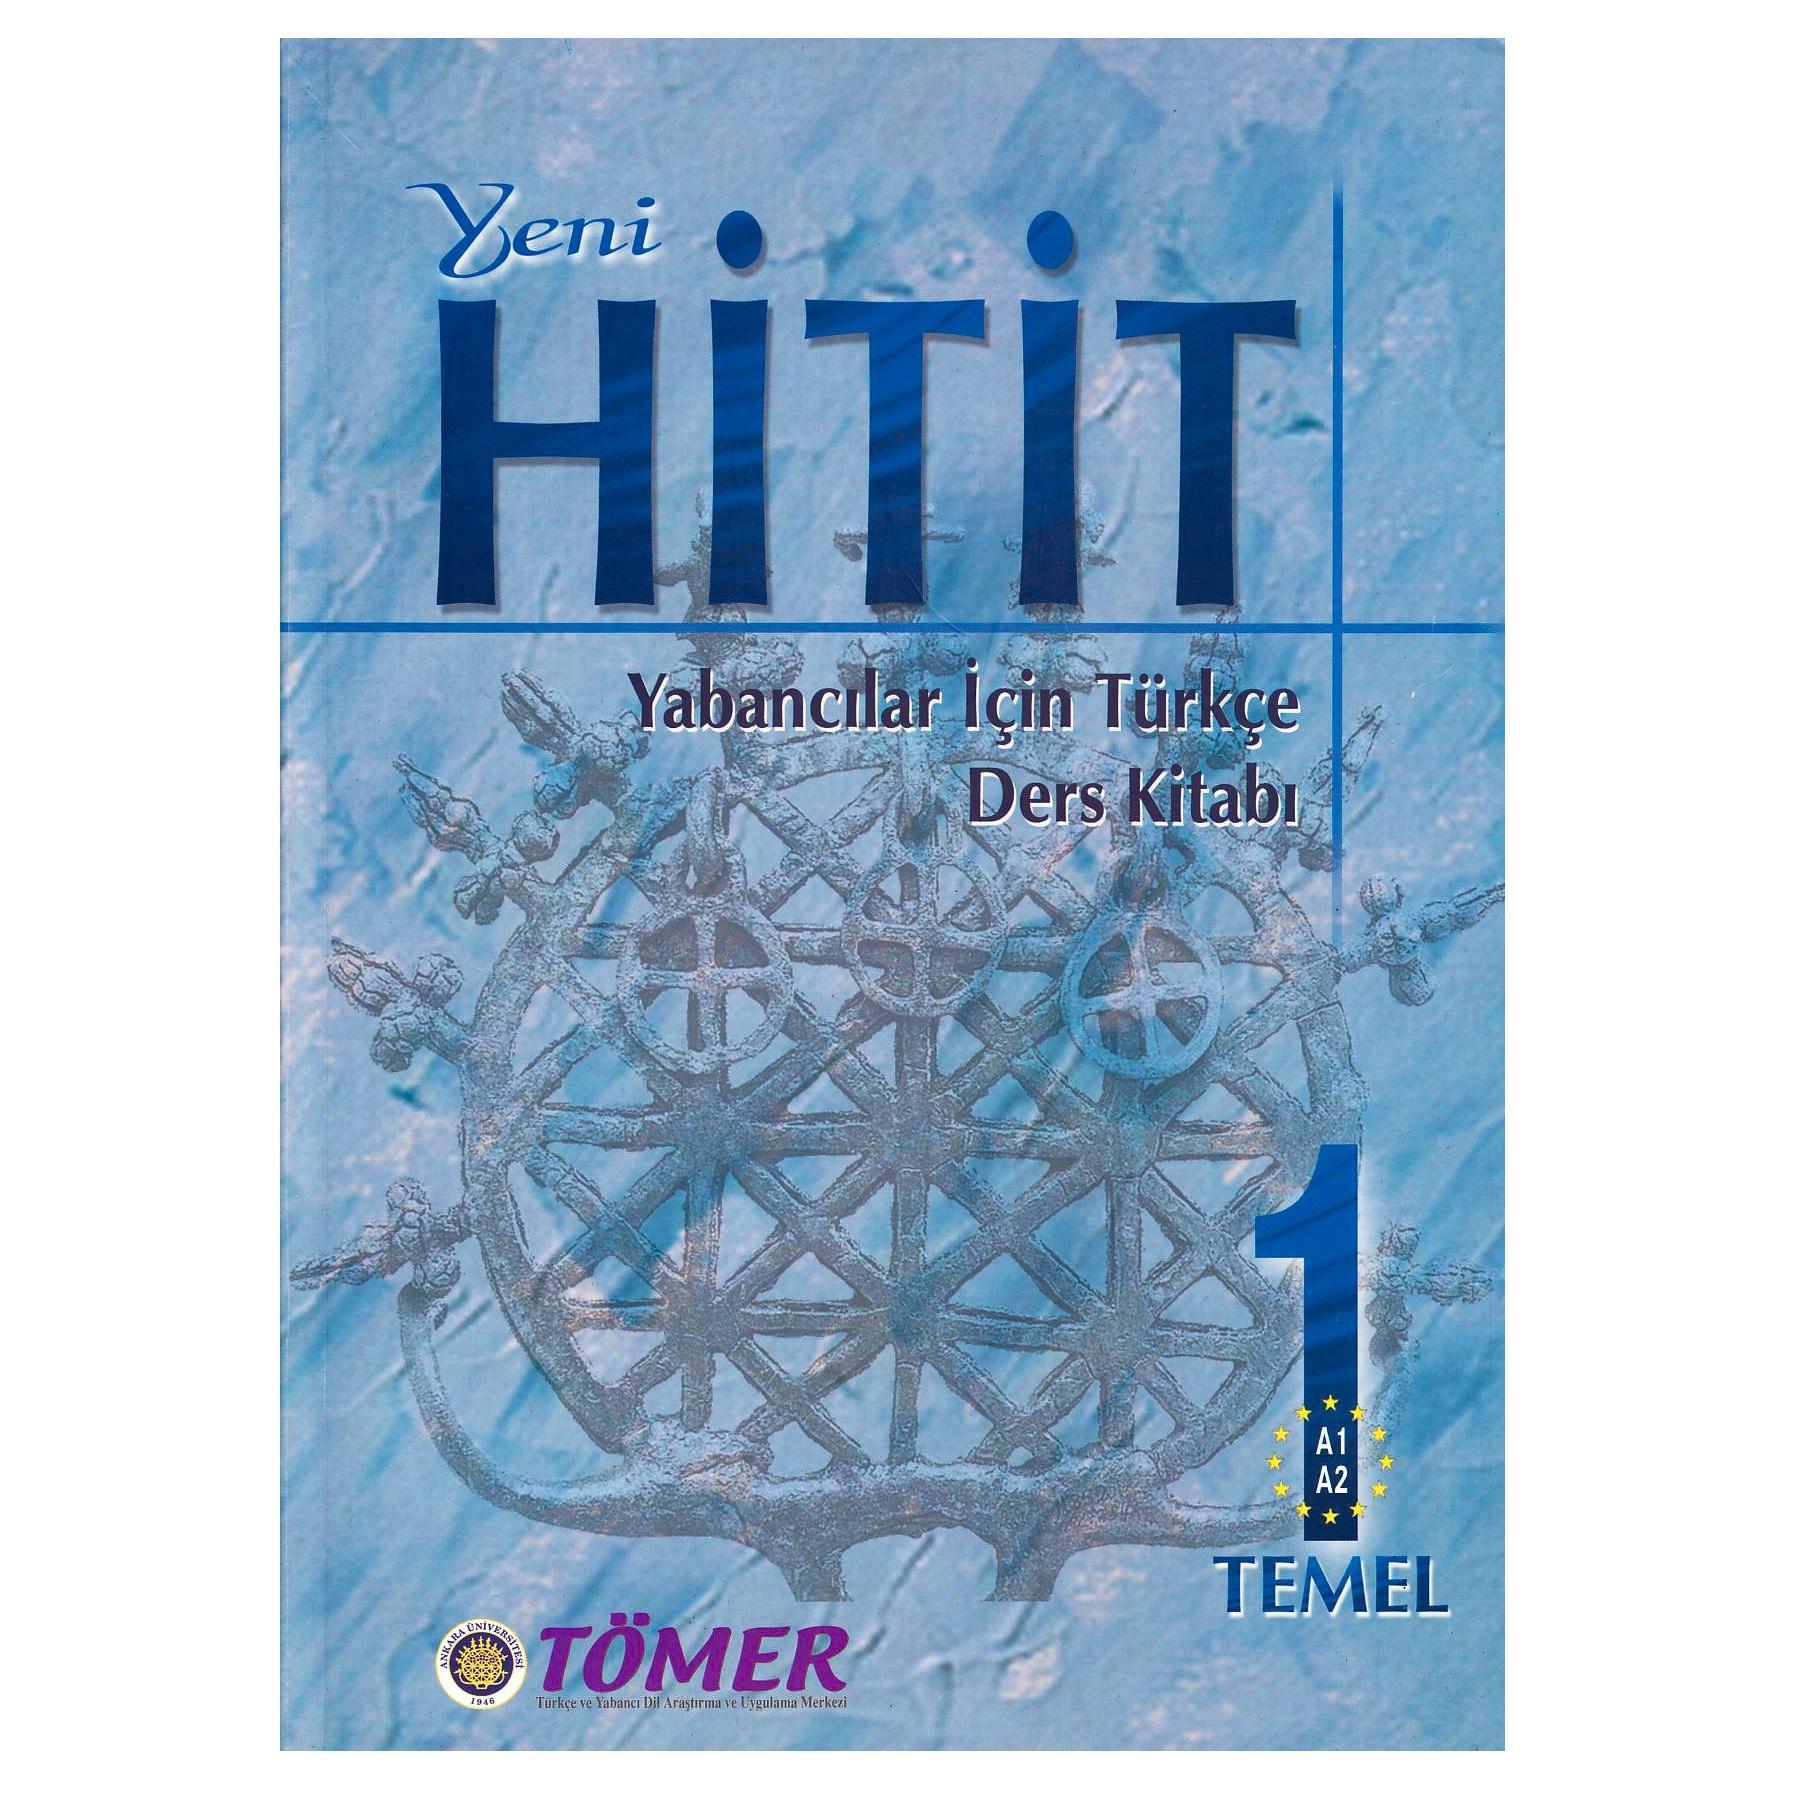 کتاب Yeni Hitit 1 اثر جمعی از نویسندگان انتشارات TOMER